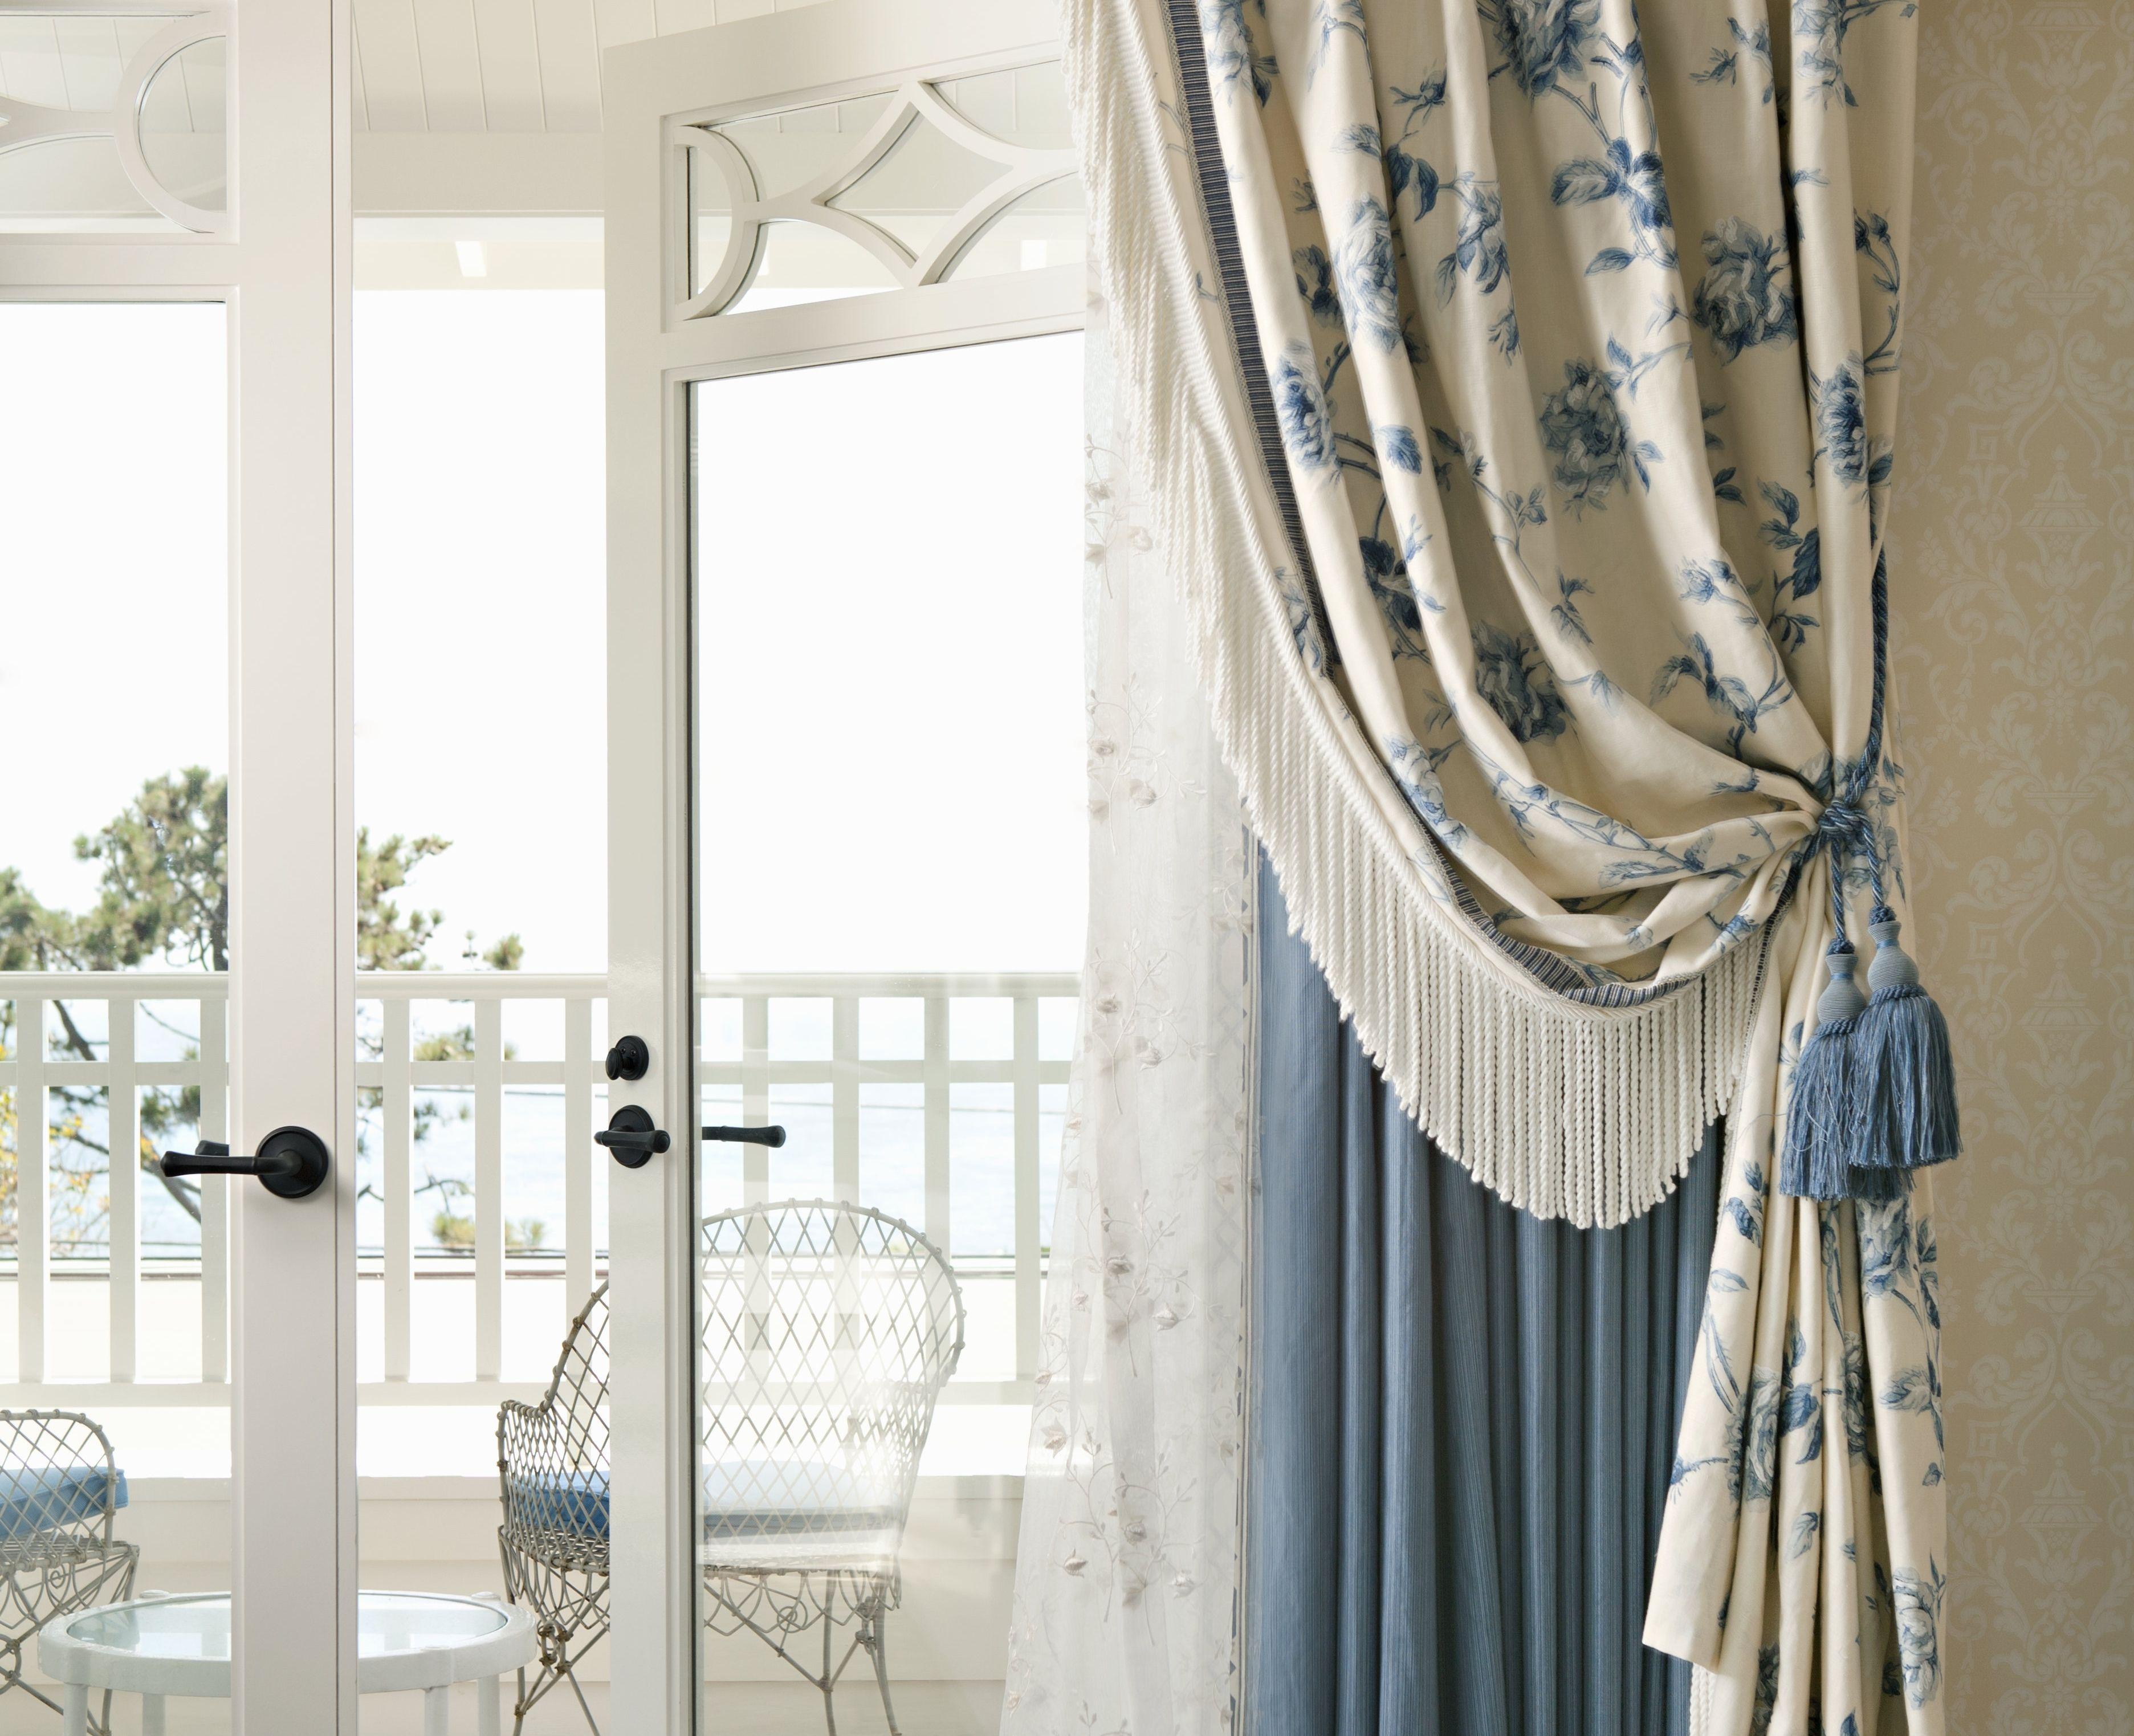 warrensheetsdesign - идеи для дома | Pinterest - Interieur